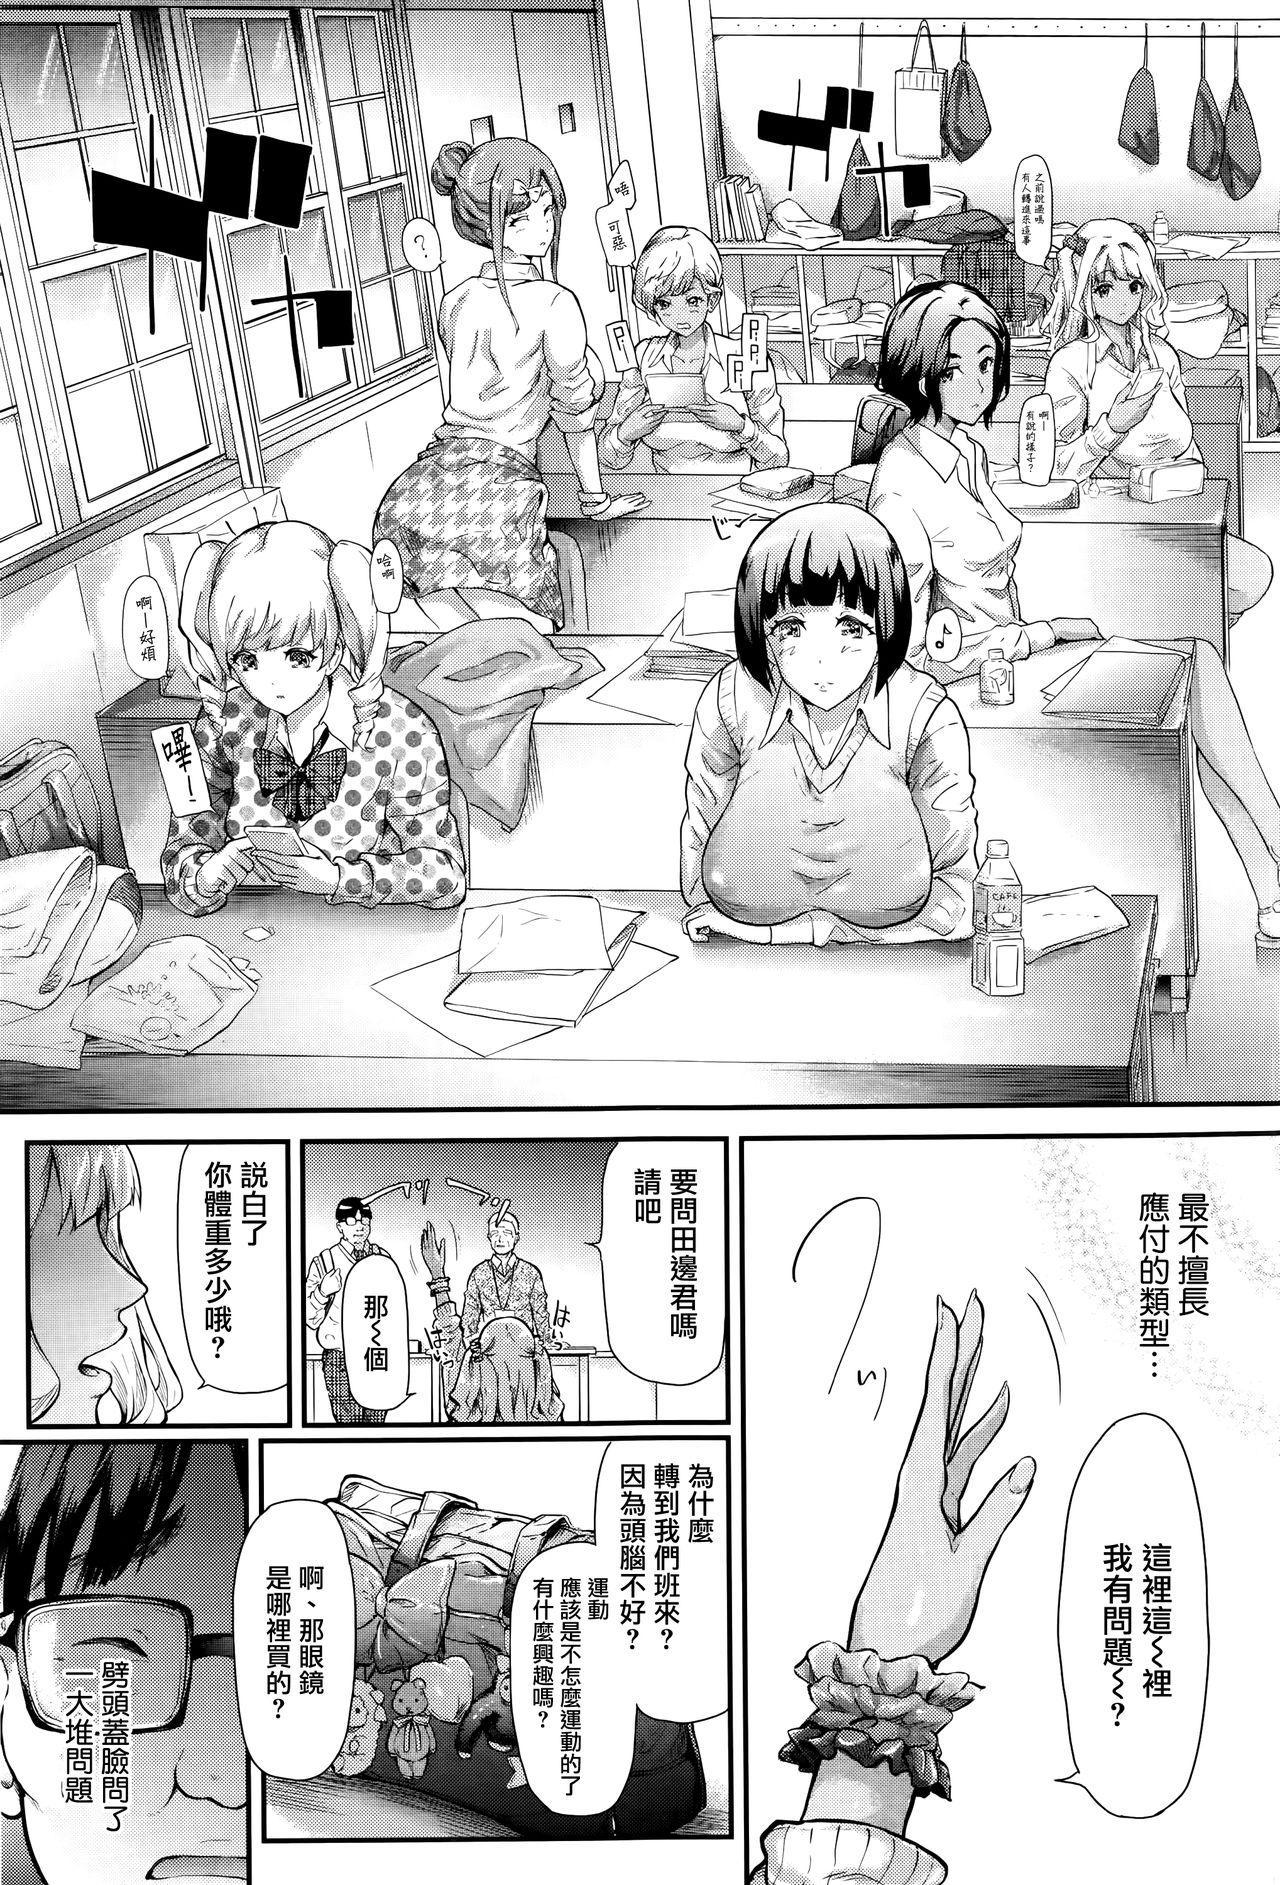 Gyaru to Tomodachi Hajimemashita - Become Friends with Gal 4